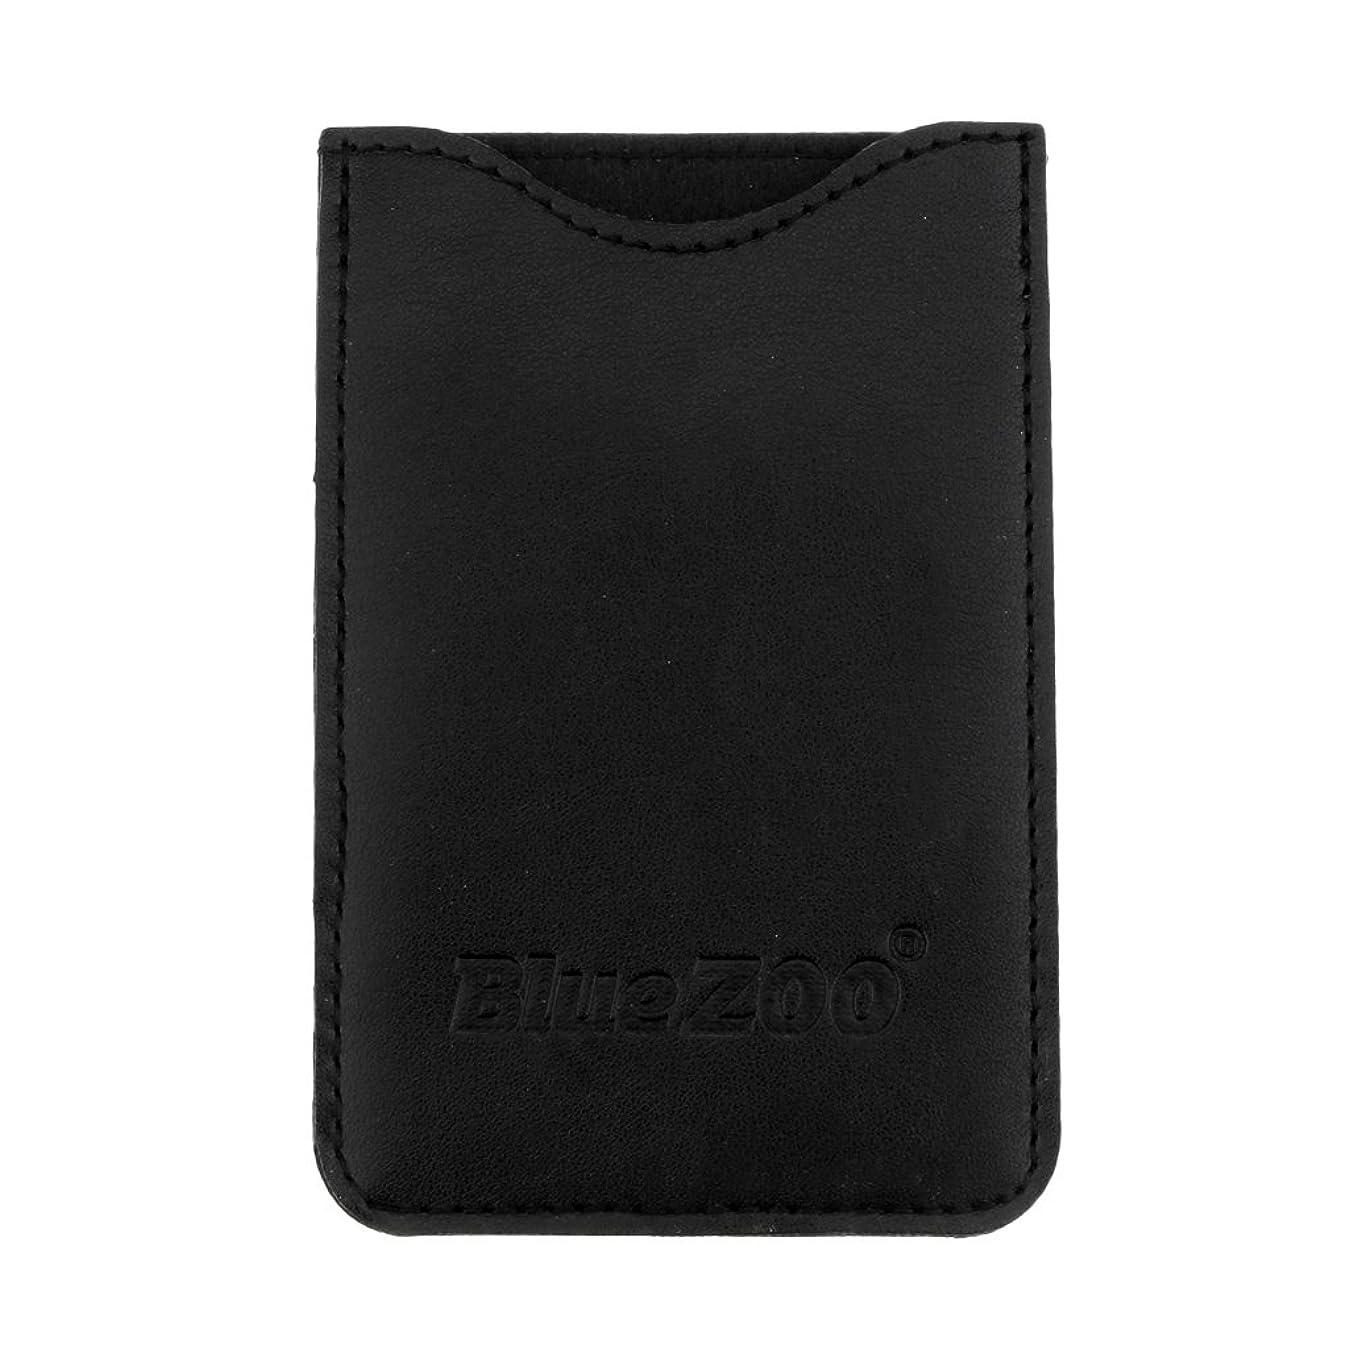 給料データム援助するFenteer コームバッグ 収納ケース 収納パック 保護カバー 櫛/名刺/IDカード/銀行カード オーガナイザー 全2色  - ブラック